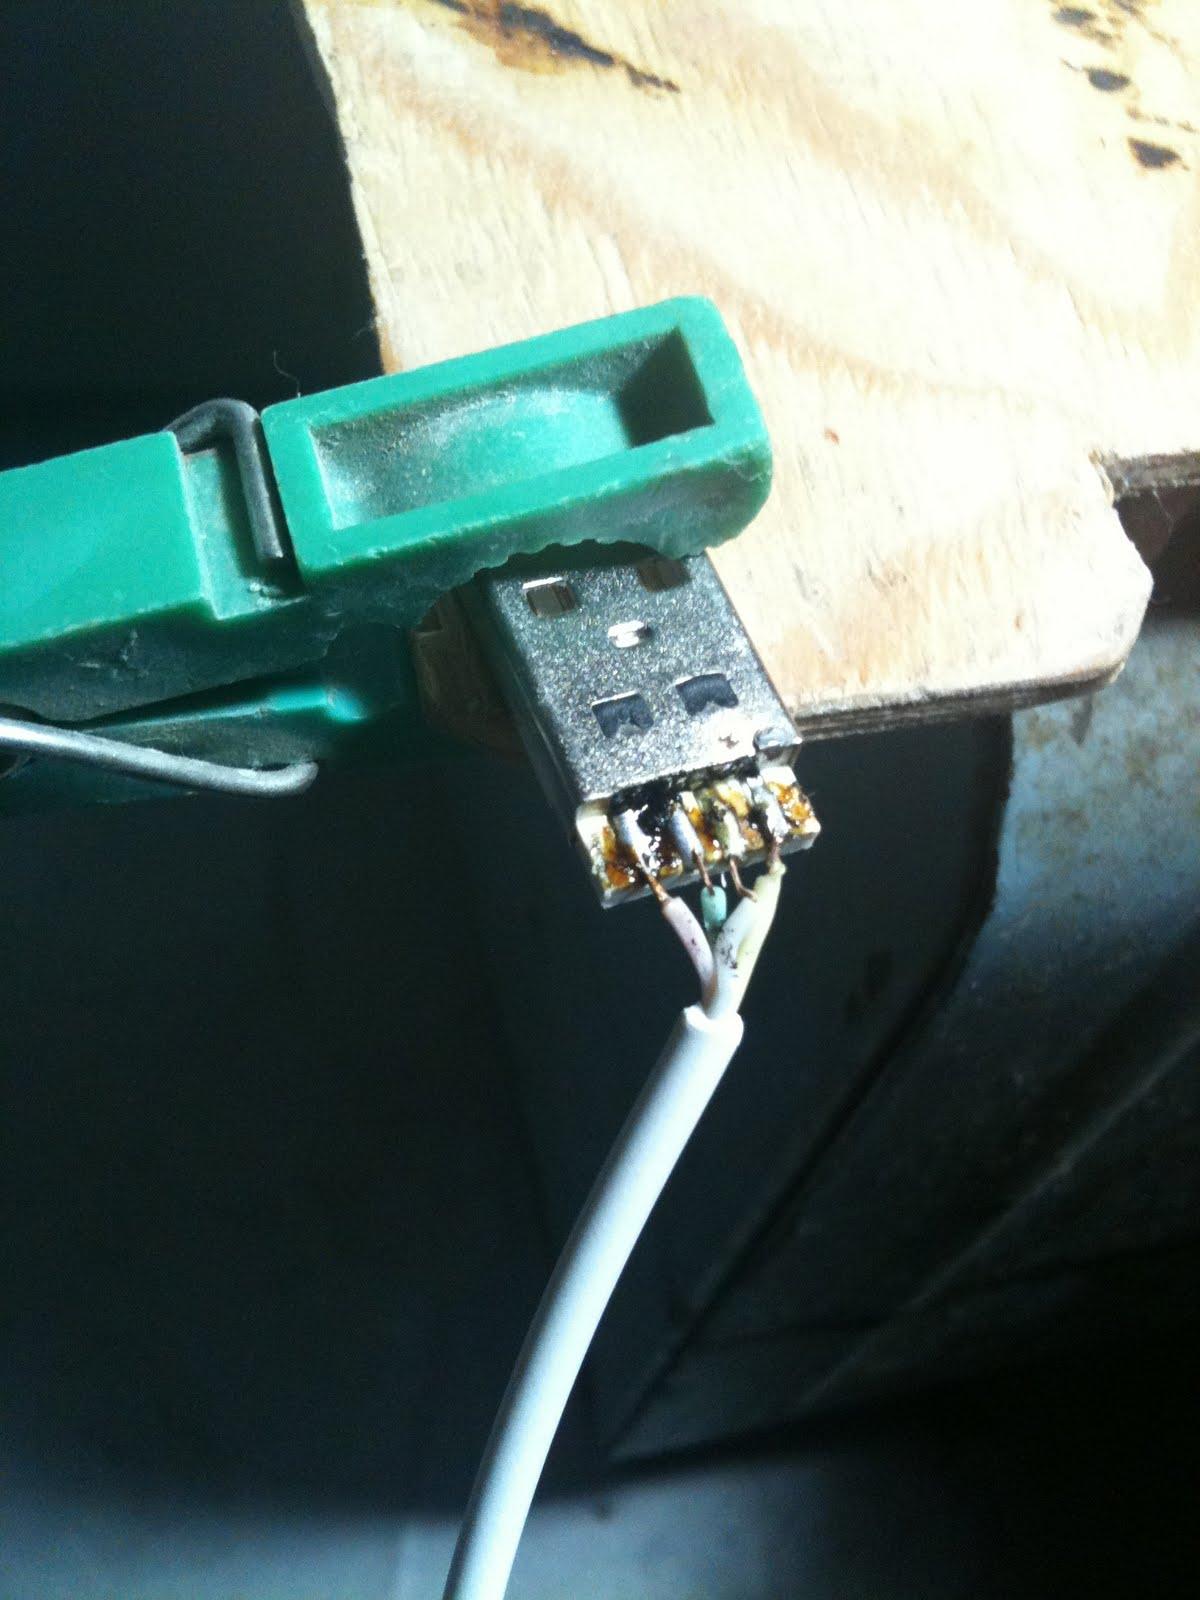 Blog cu cifre: Restaurarea cablului de date pentru iPhone/iPod